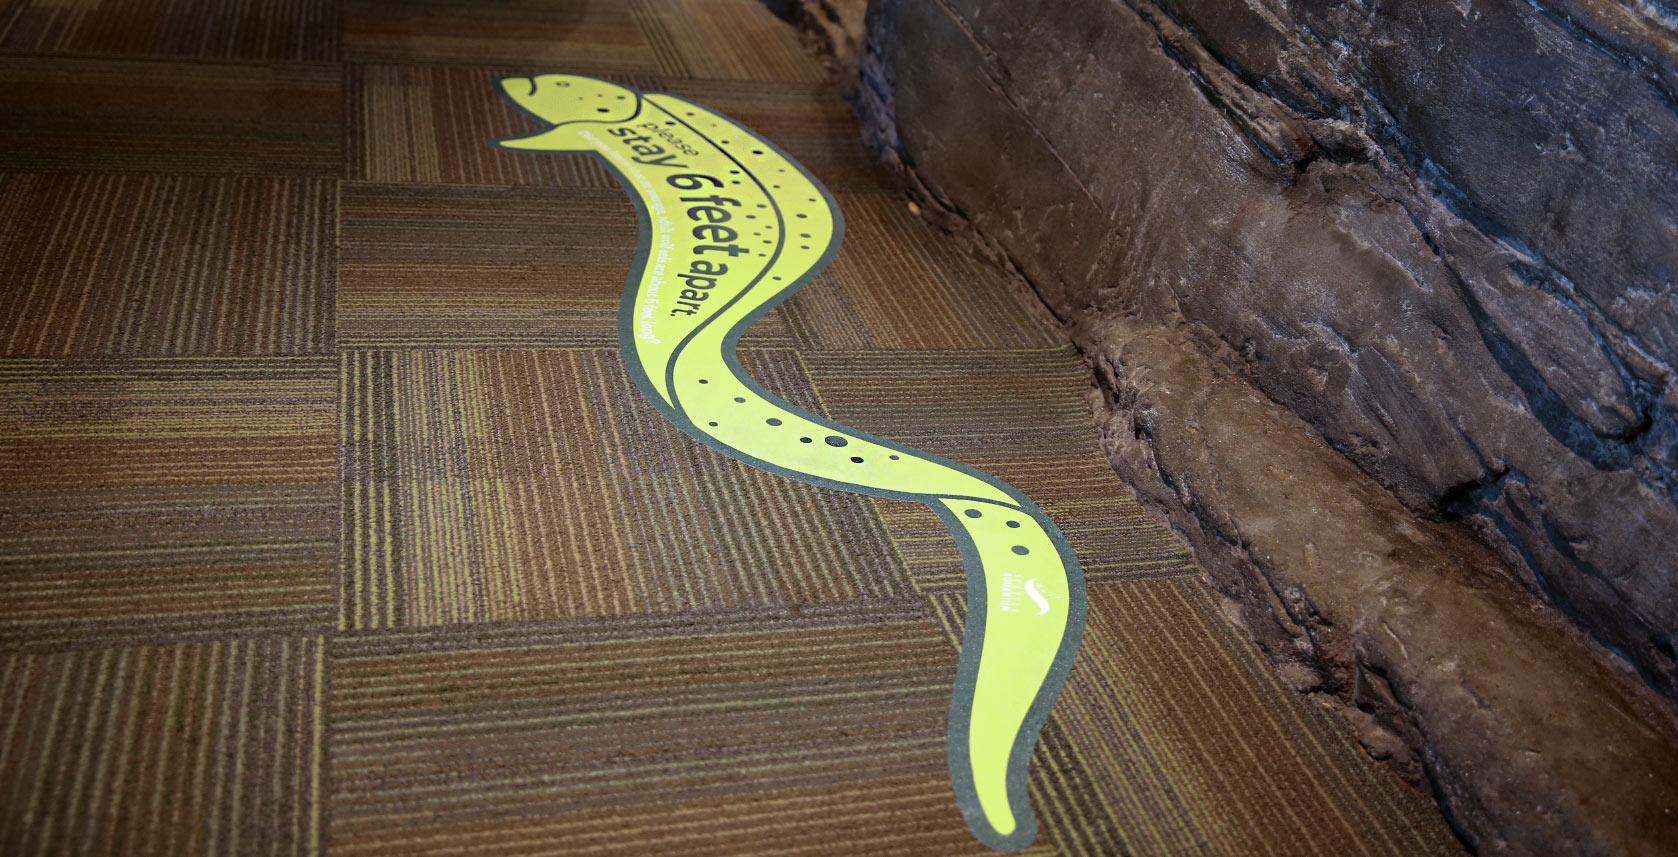 Seattle Aquarium's 'stay 6 feet apart' floor sign